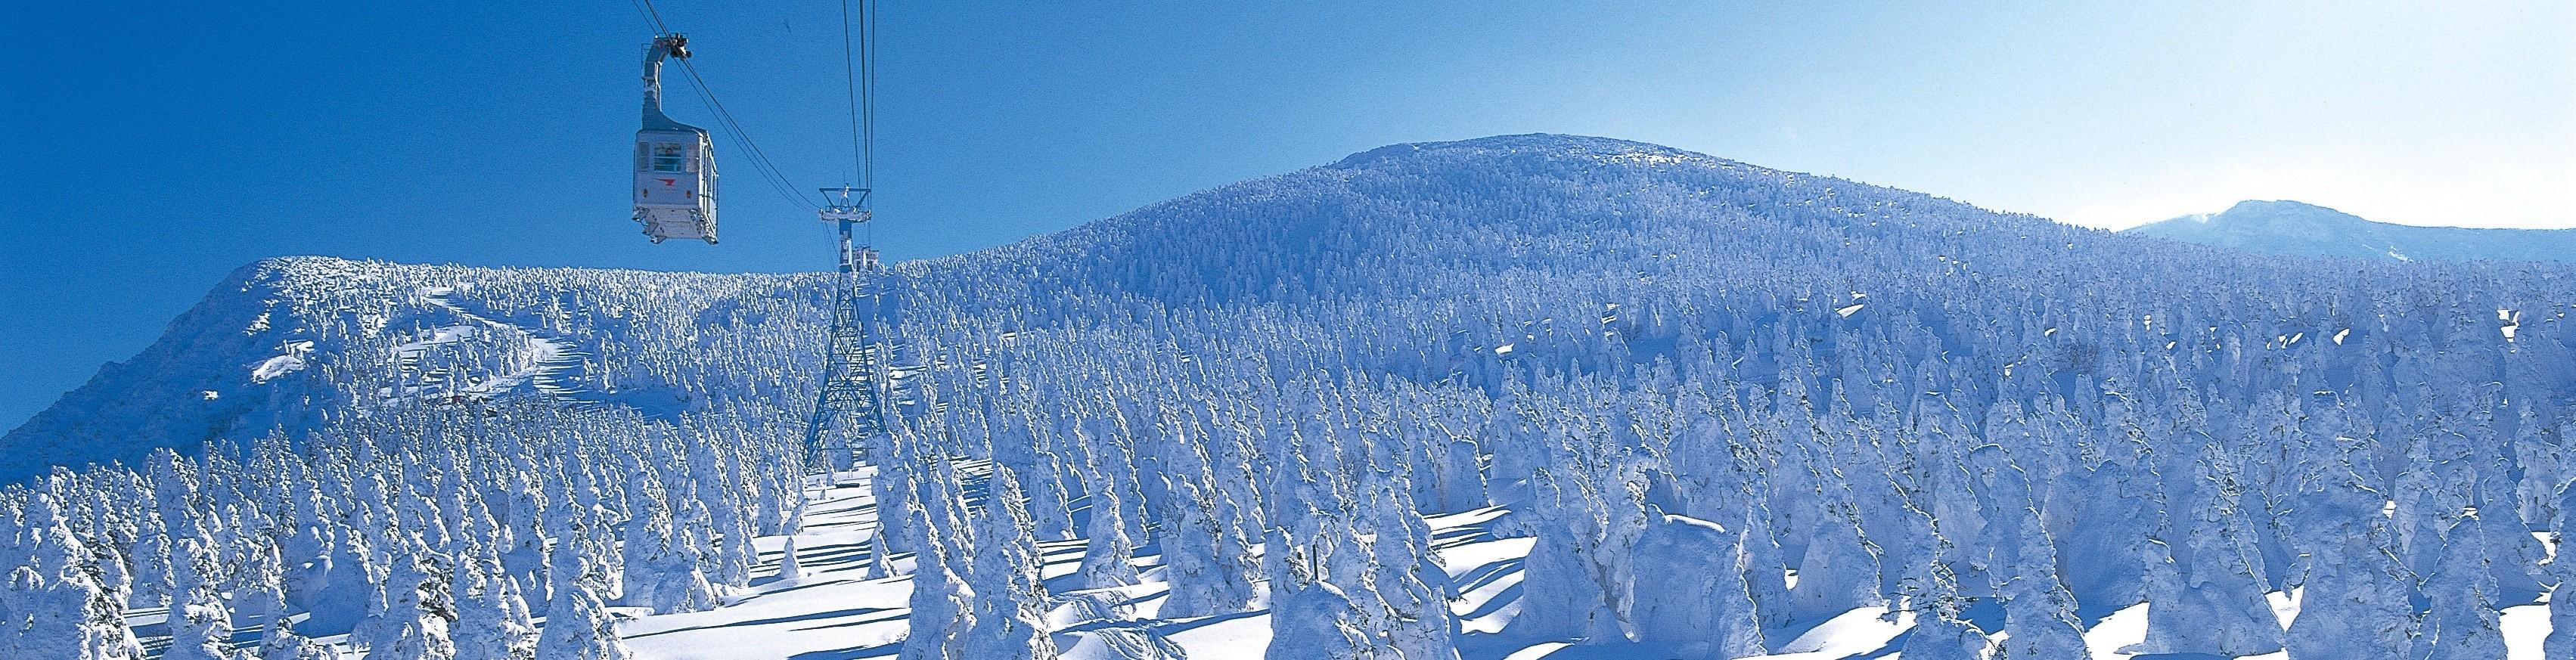 snow&mountain